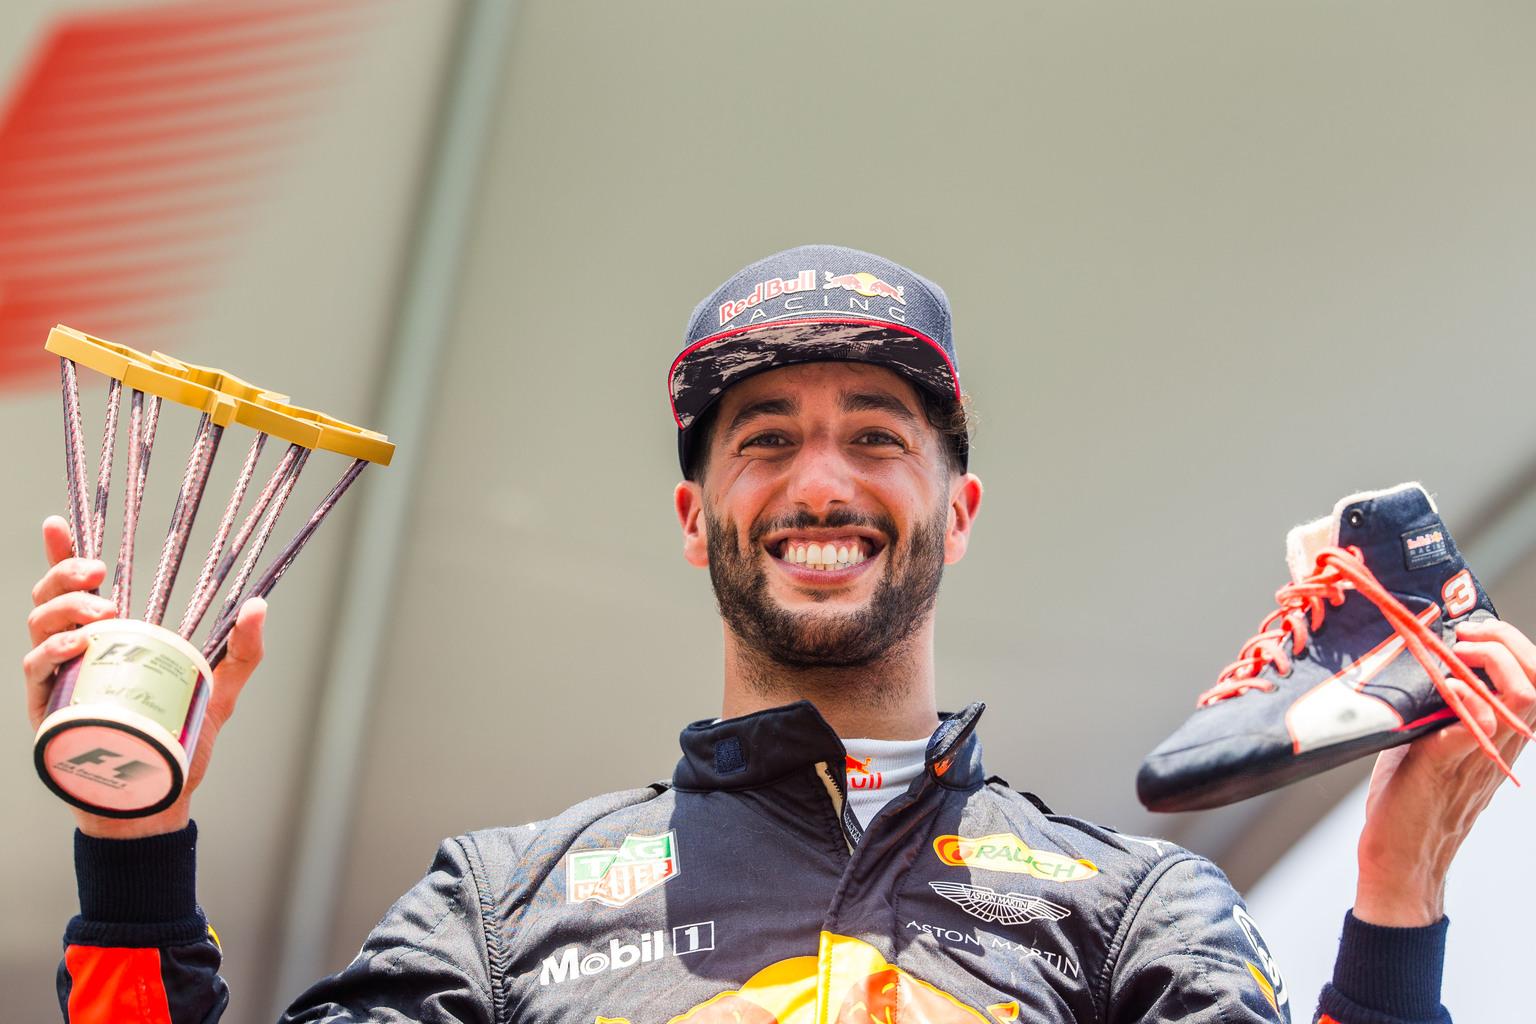 Trófea és cipő, Daniel Ricciardónál a kettő együtt jár... (Fotó: XPB)